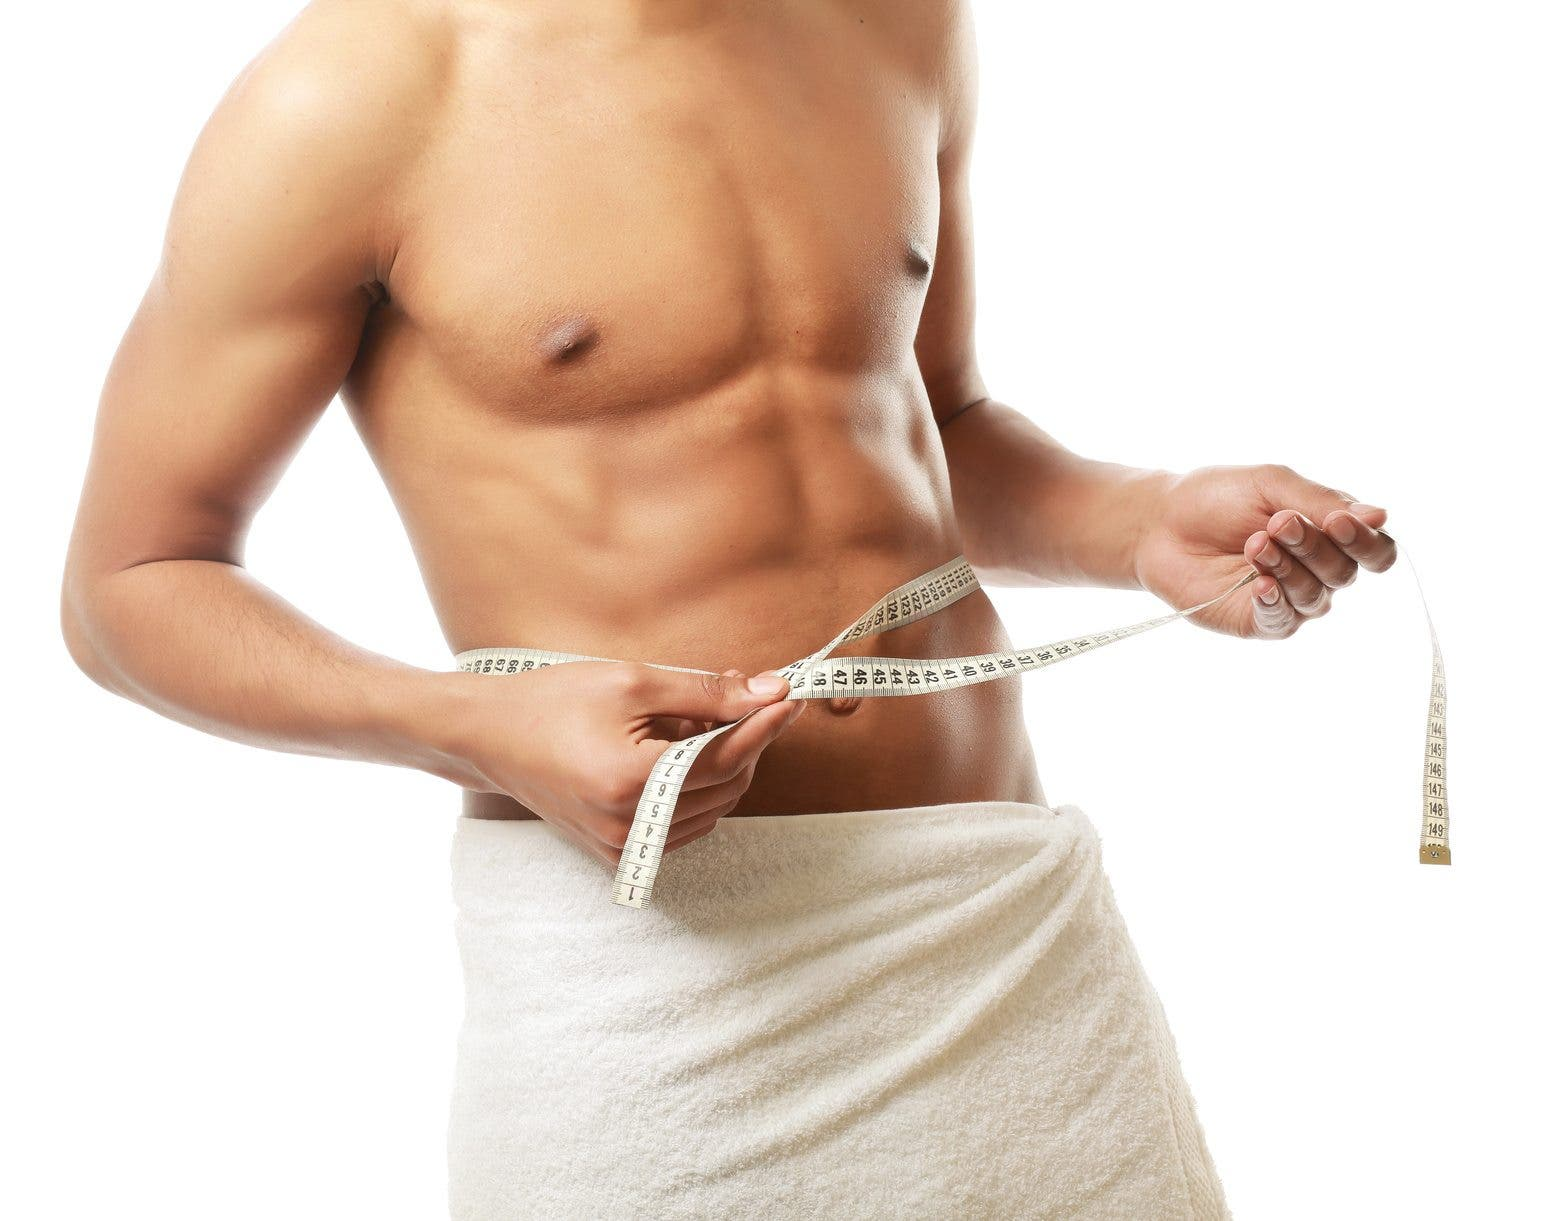 Mejora la elasticidad de tu piel y cuida tu cuerpo